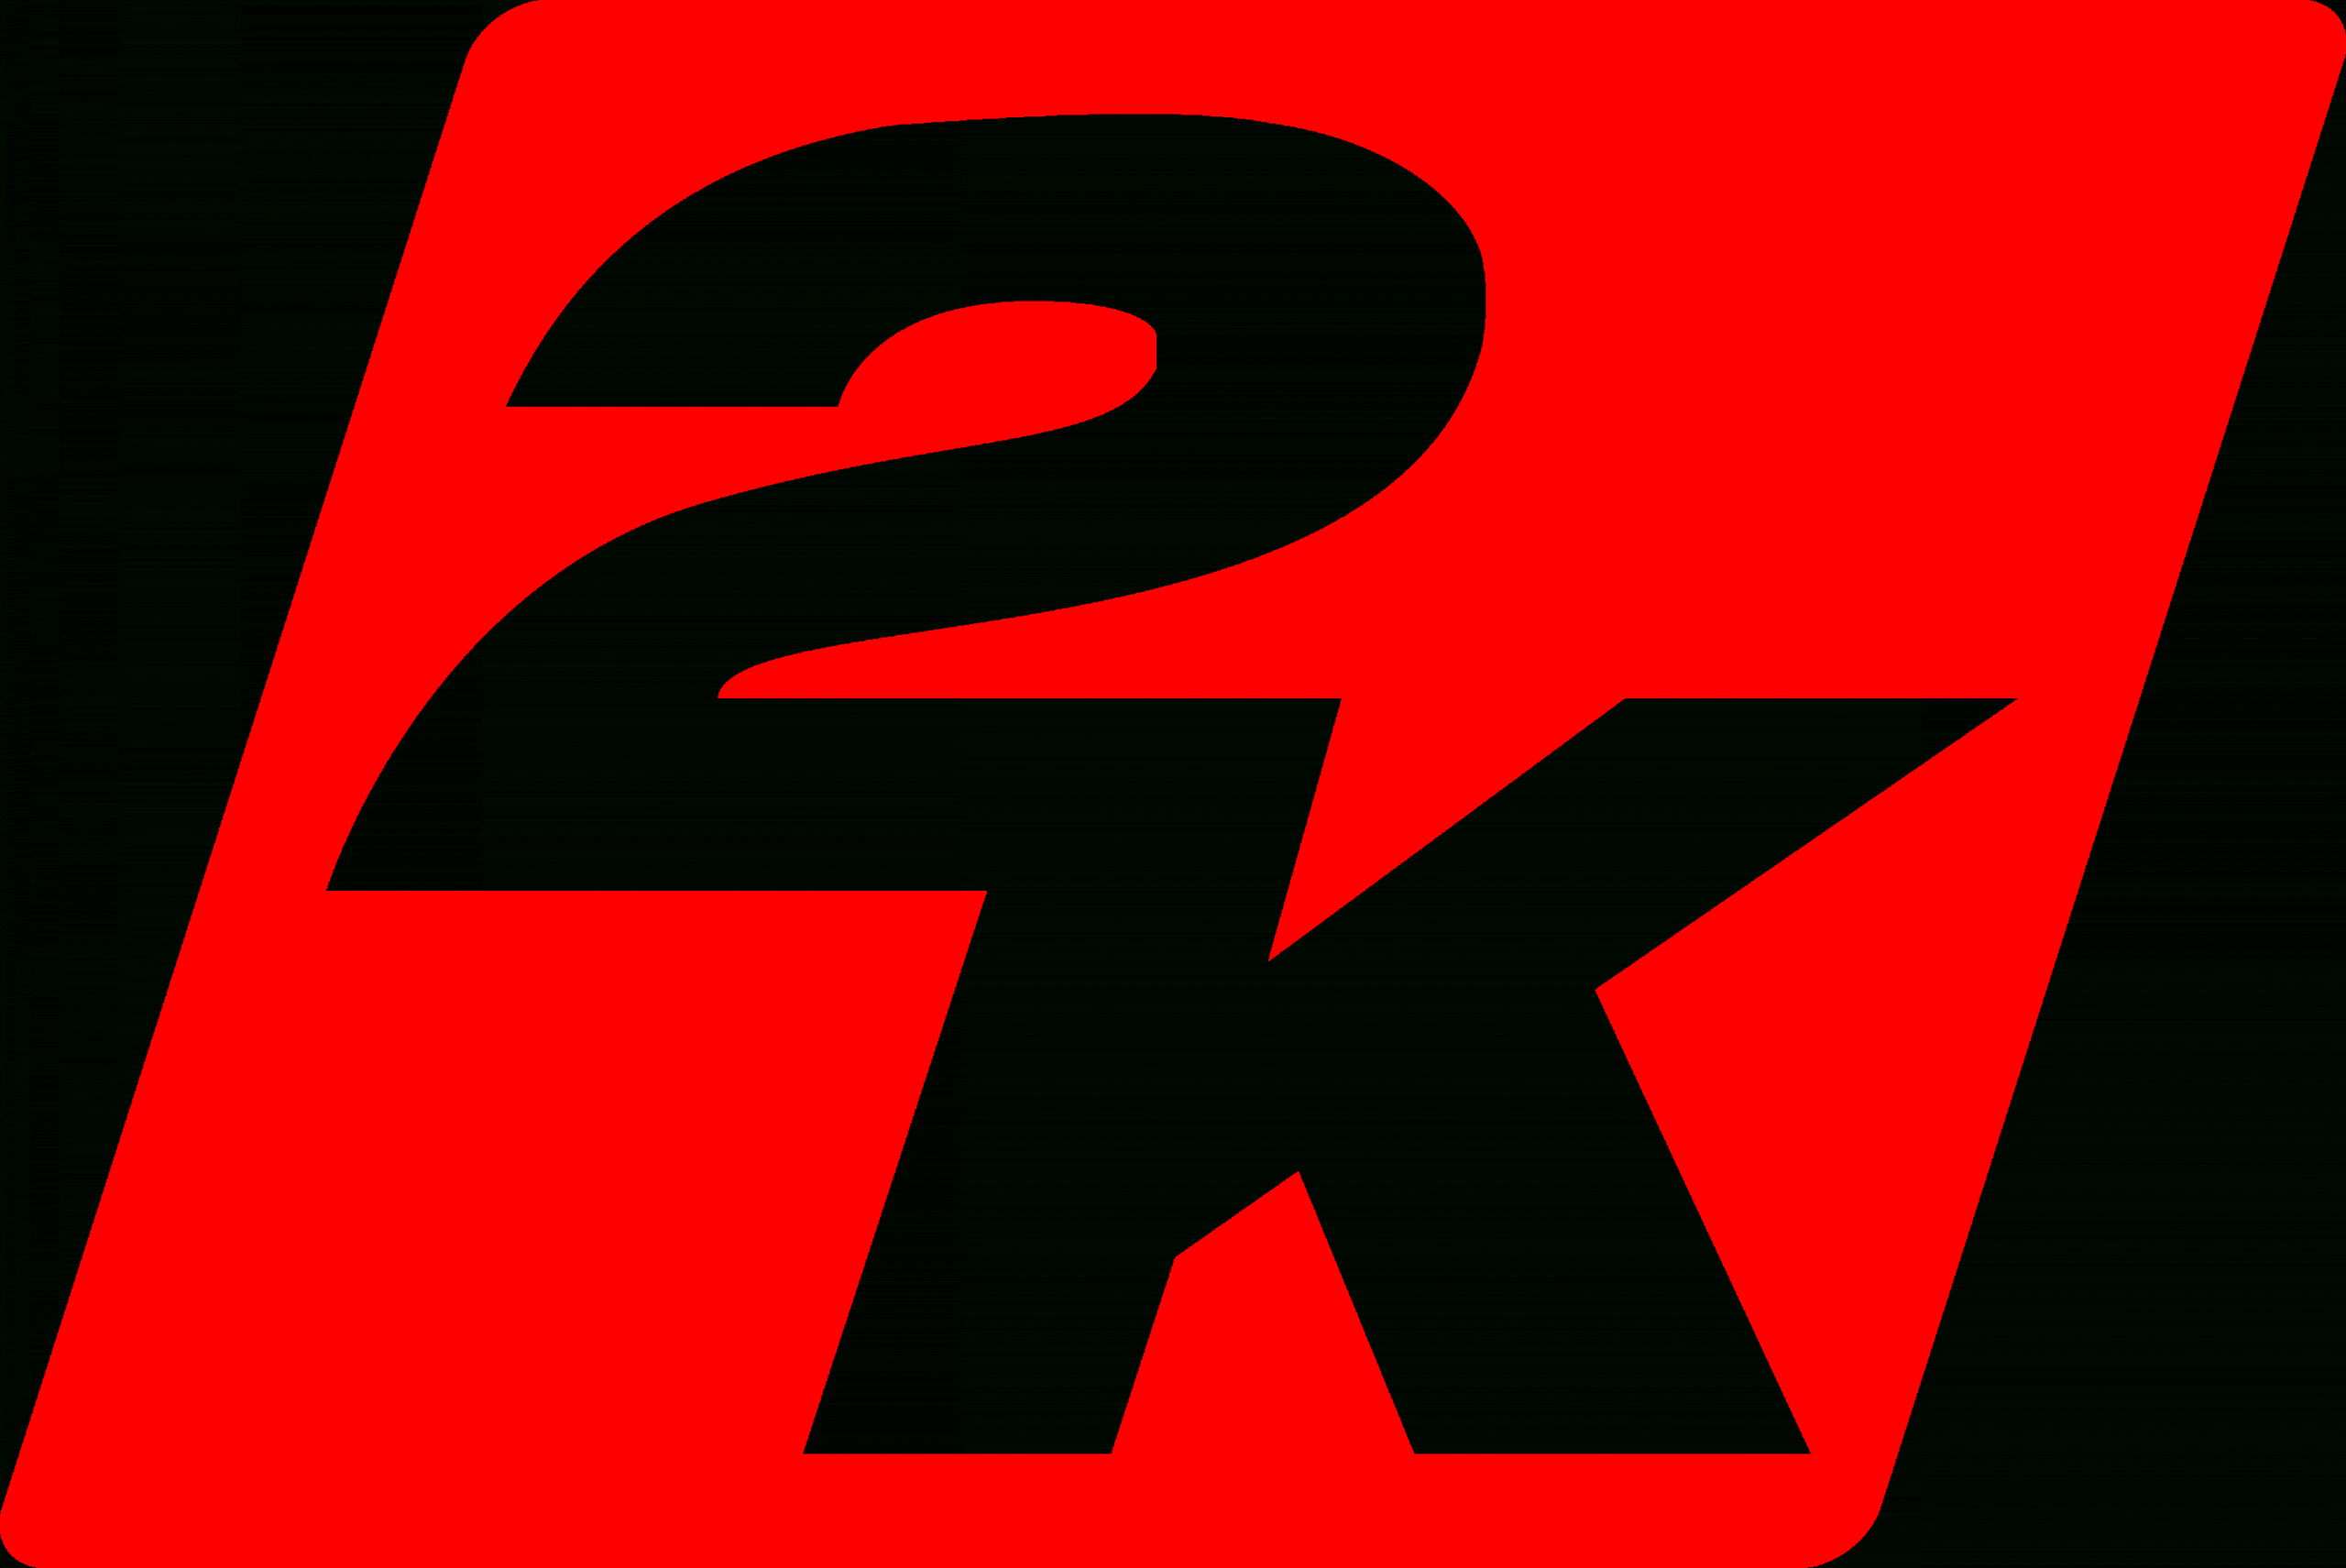 15 2k Logo Transparent 2k Games Logos Games